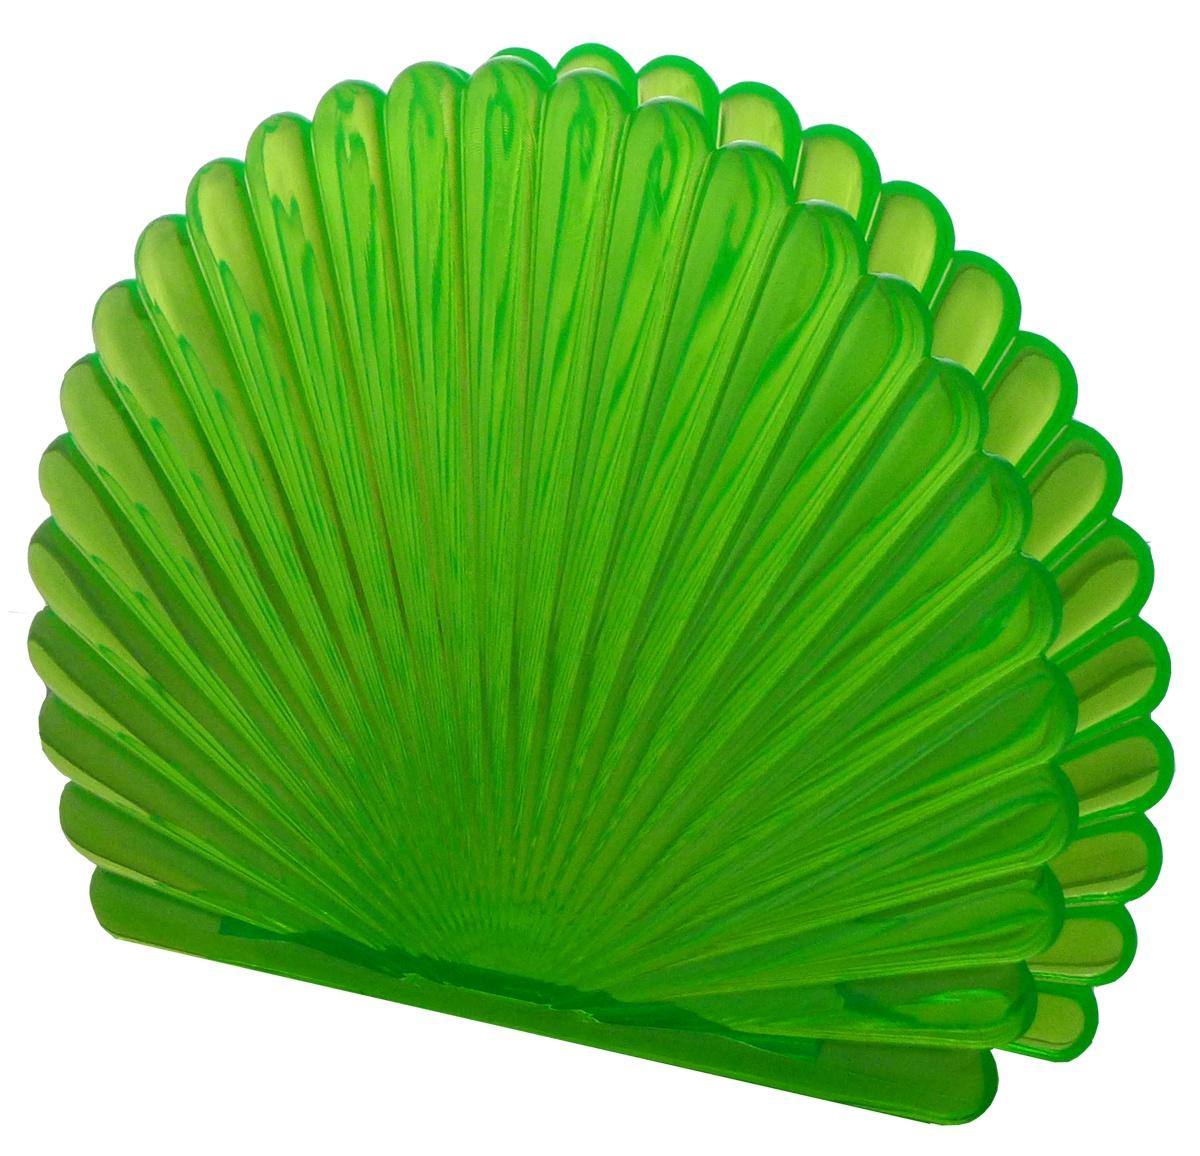 Салфетница ТАНДЕМ-ПЛАСТ Веер, салатовыйТ020сЭлегантная салфетница в форме веера (длина 13 см, высота 10 см, толщина 2 см). Изготовлена в России из прозрачного пищевого пластика (имитация цветного стекла). Легко моется, в том числе в посудомойке, не имеет запаха и создает приятную сервировку стола.